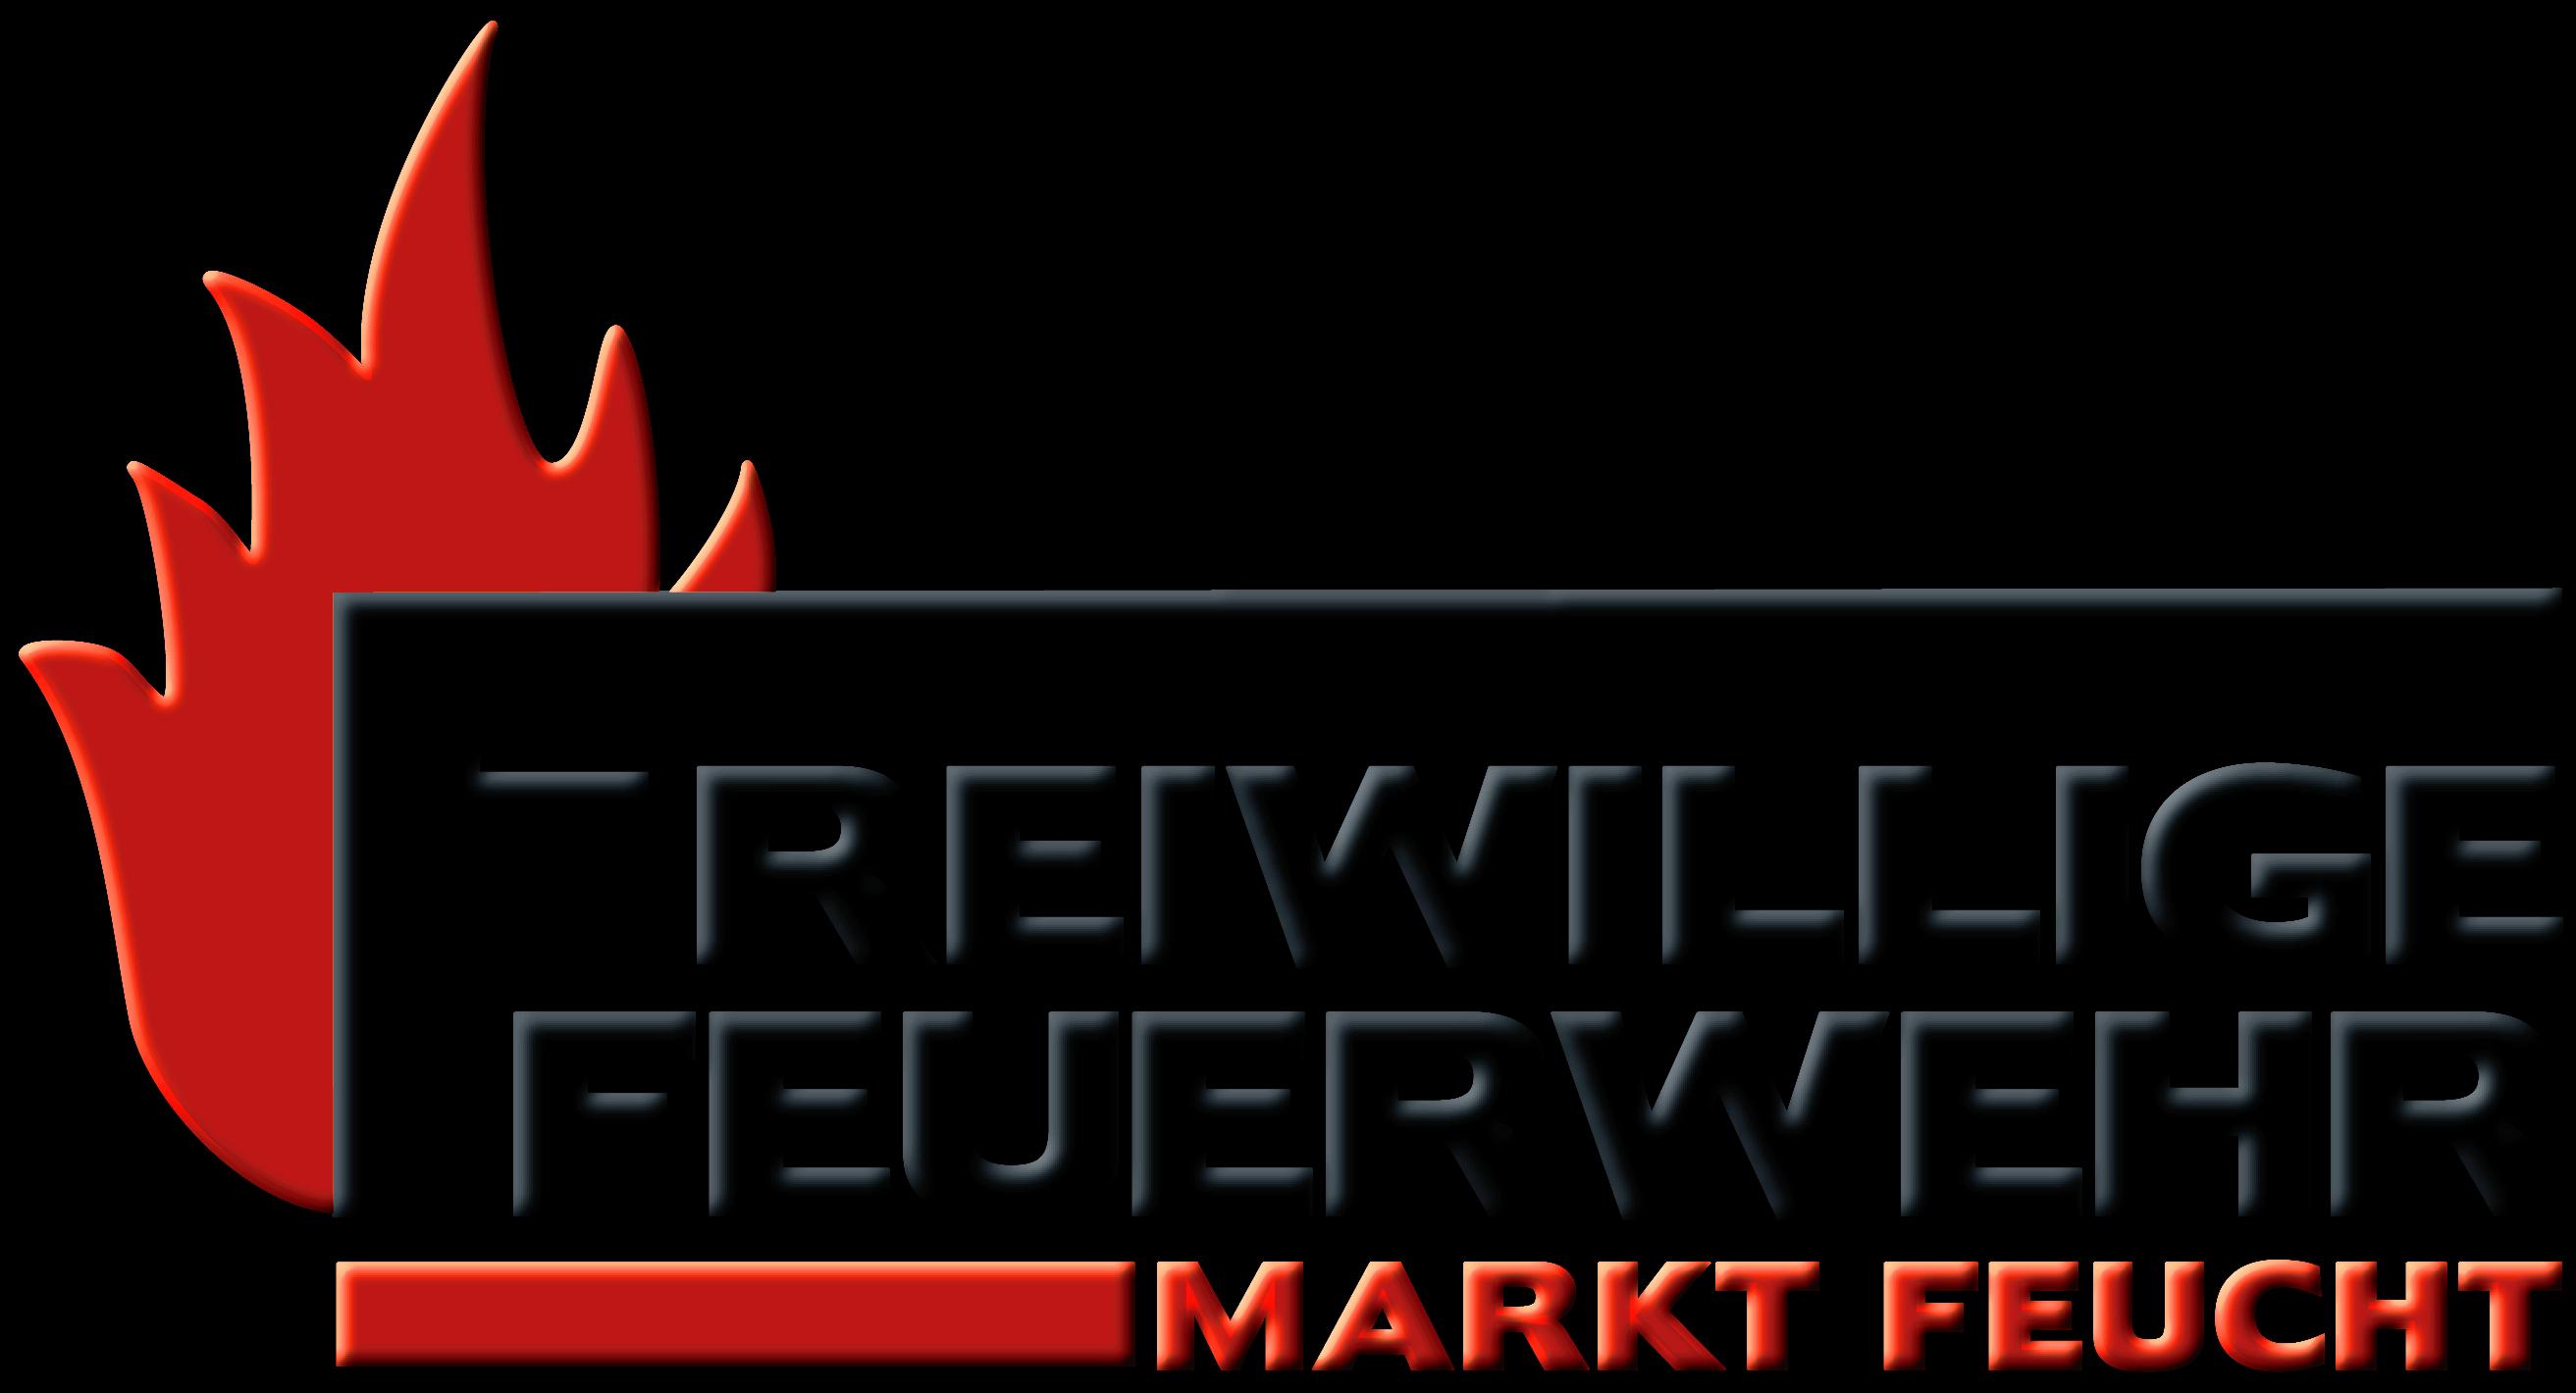 Freiwillige Feuerwehr Markt Feucht